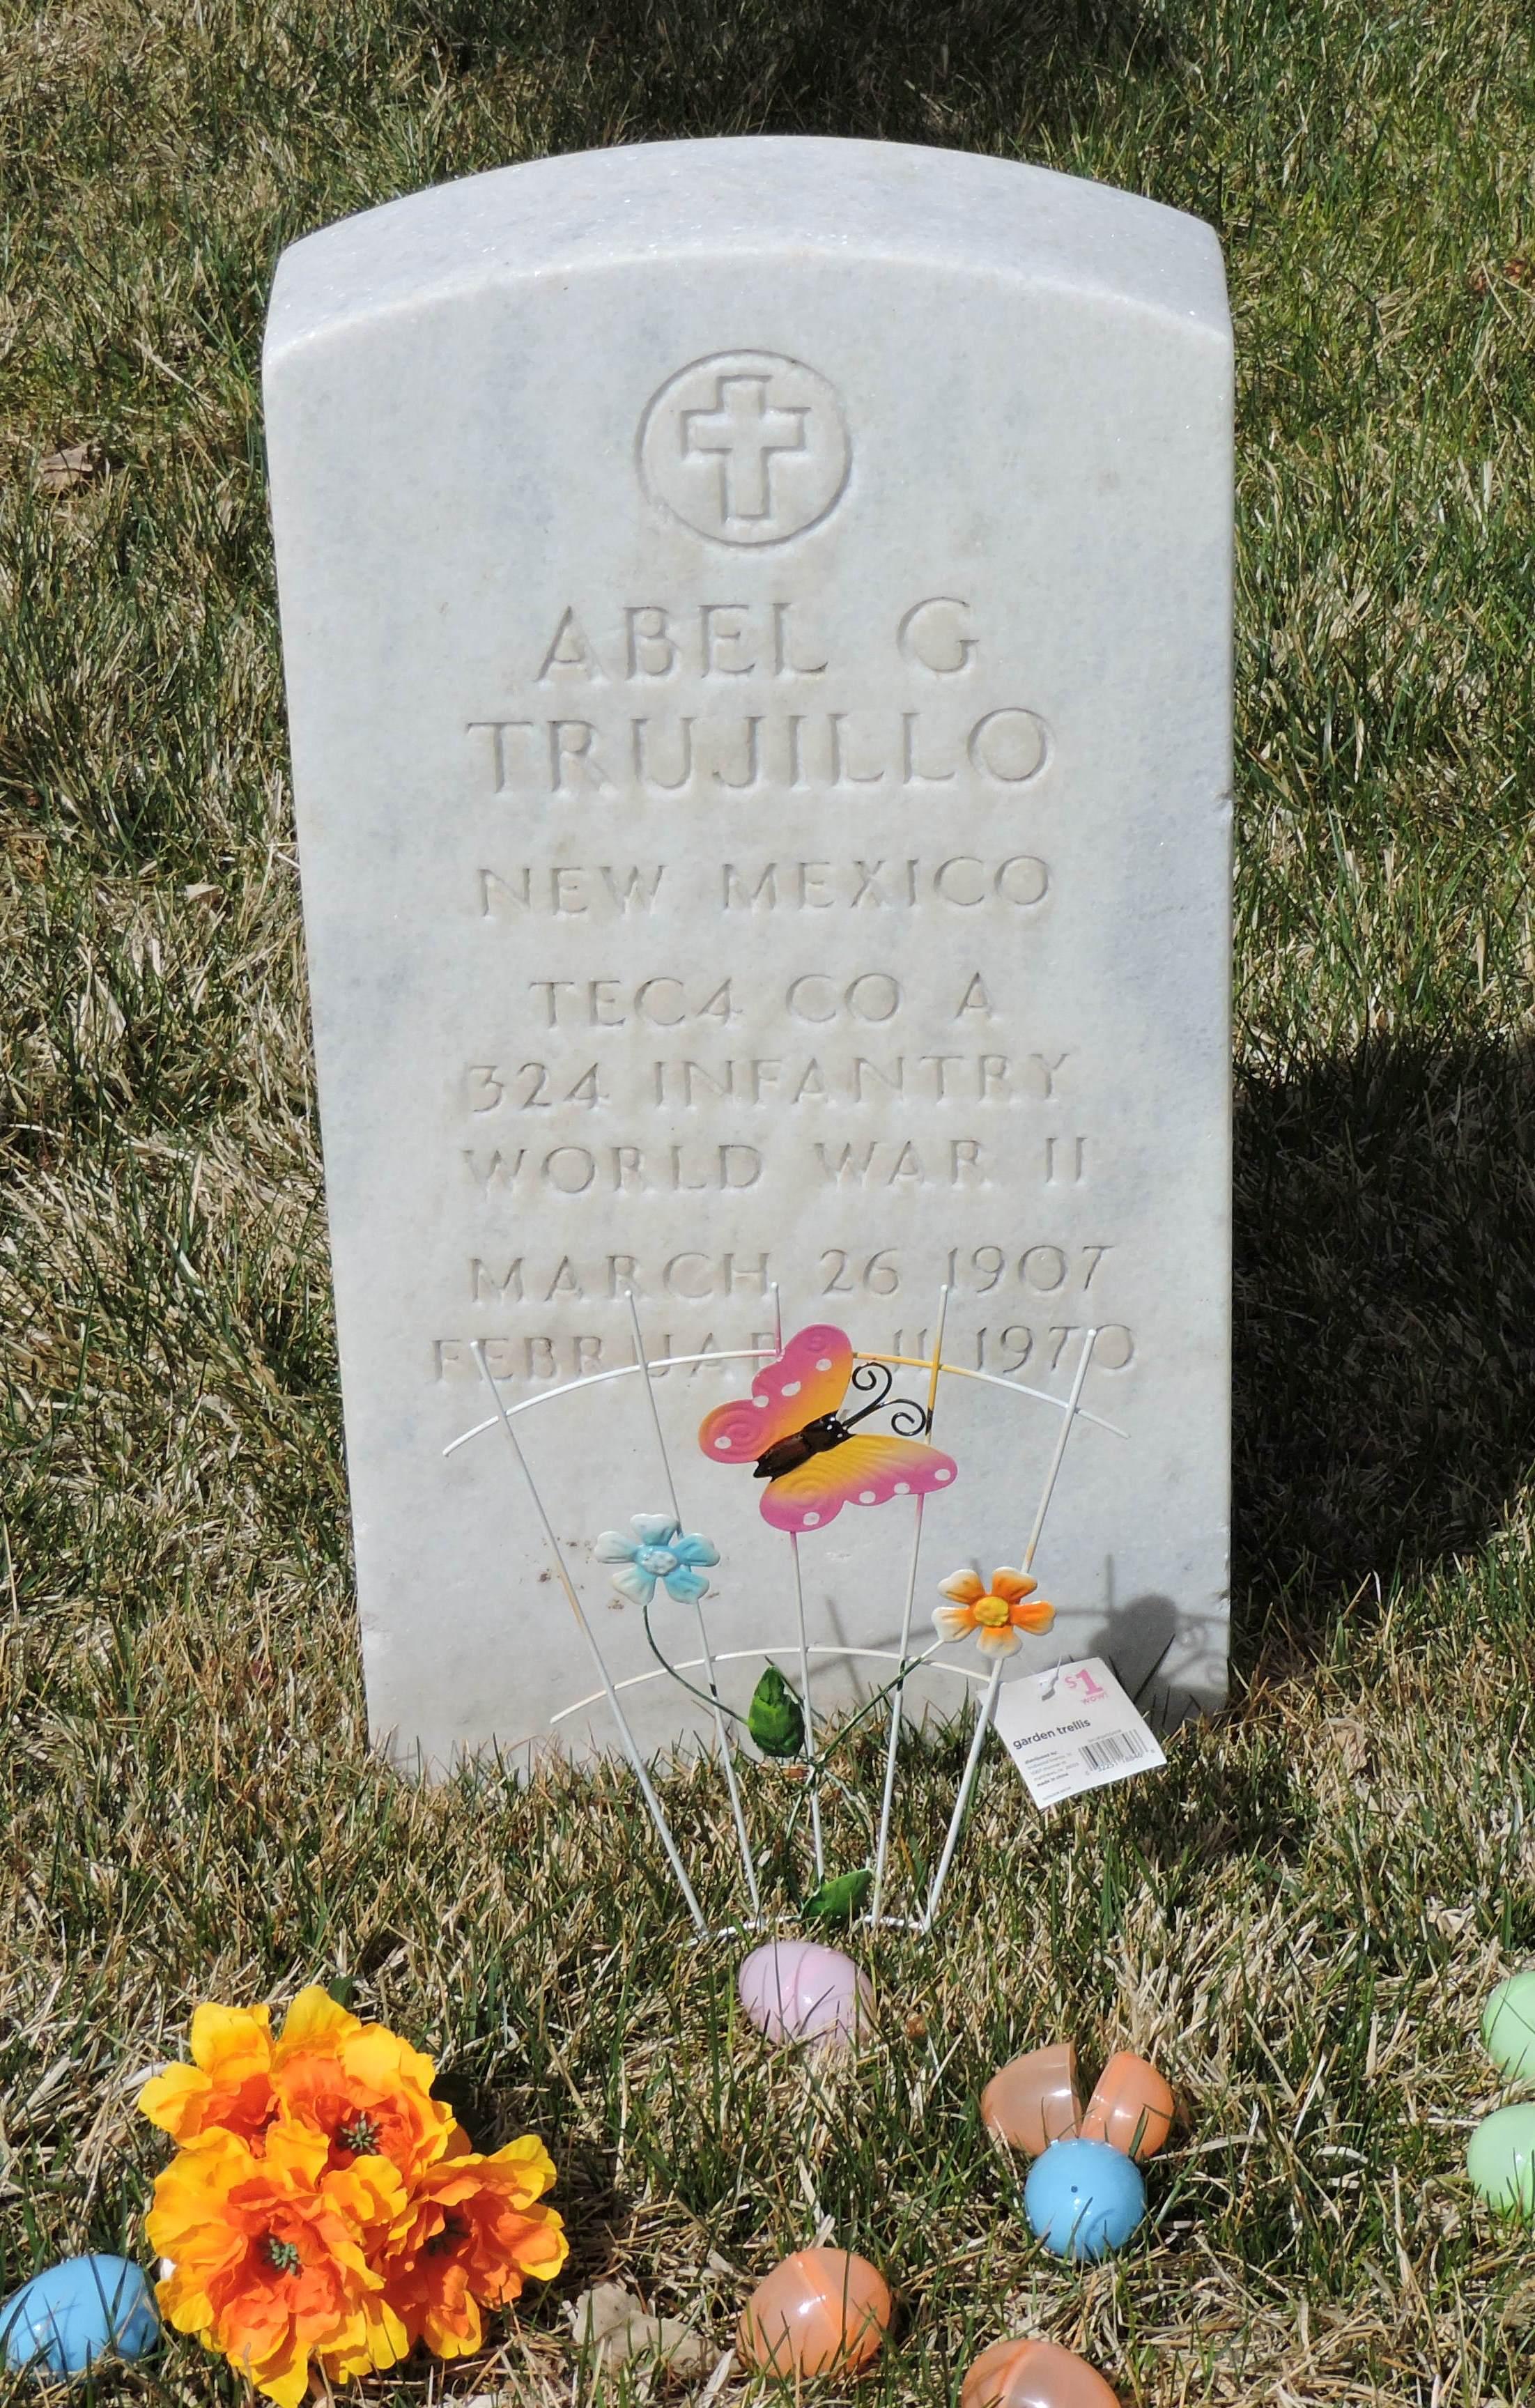 Abel Gonzalez Trujillo